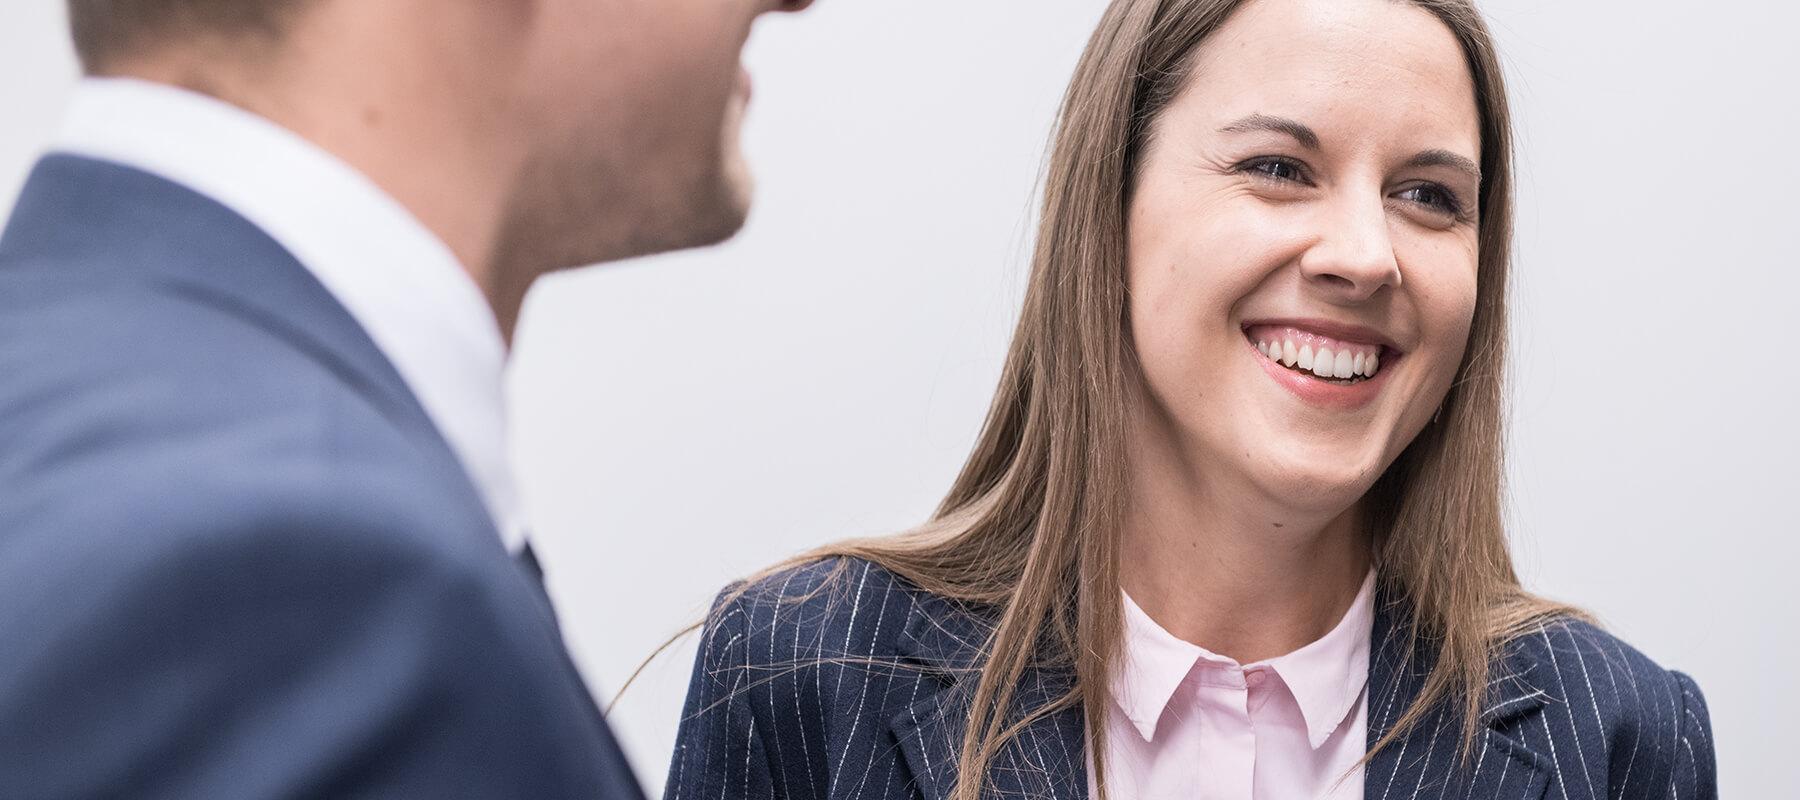 Personalberatung für Fach- und Führungskräfte